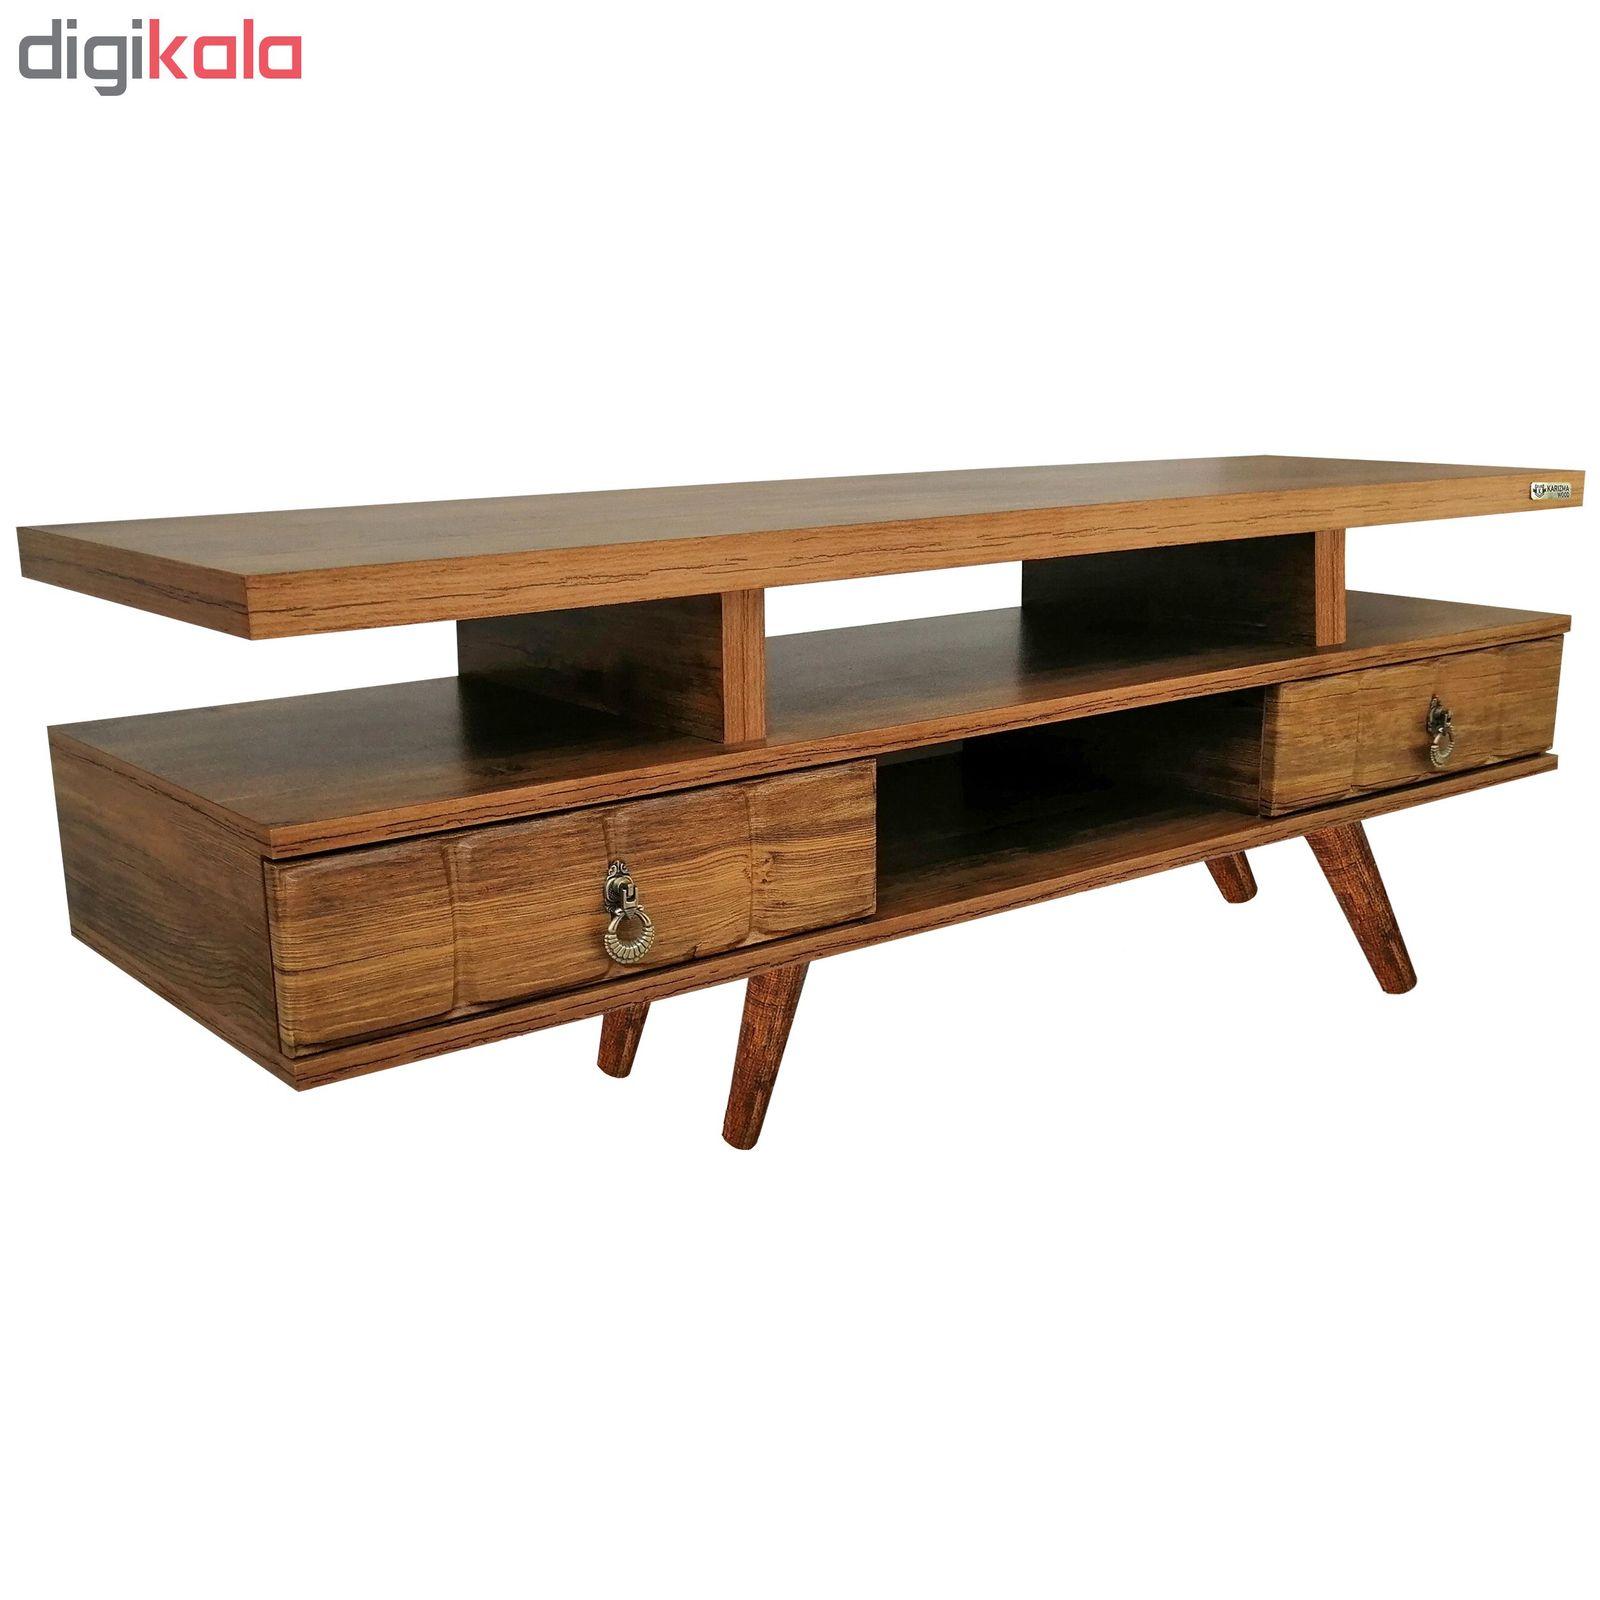 میز تلویزیون کاریزما وود مدل A.KM208 main 1 1